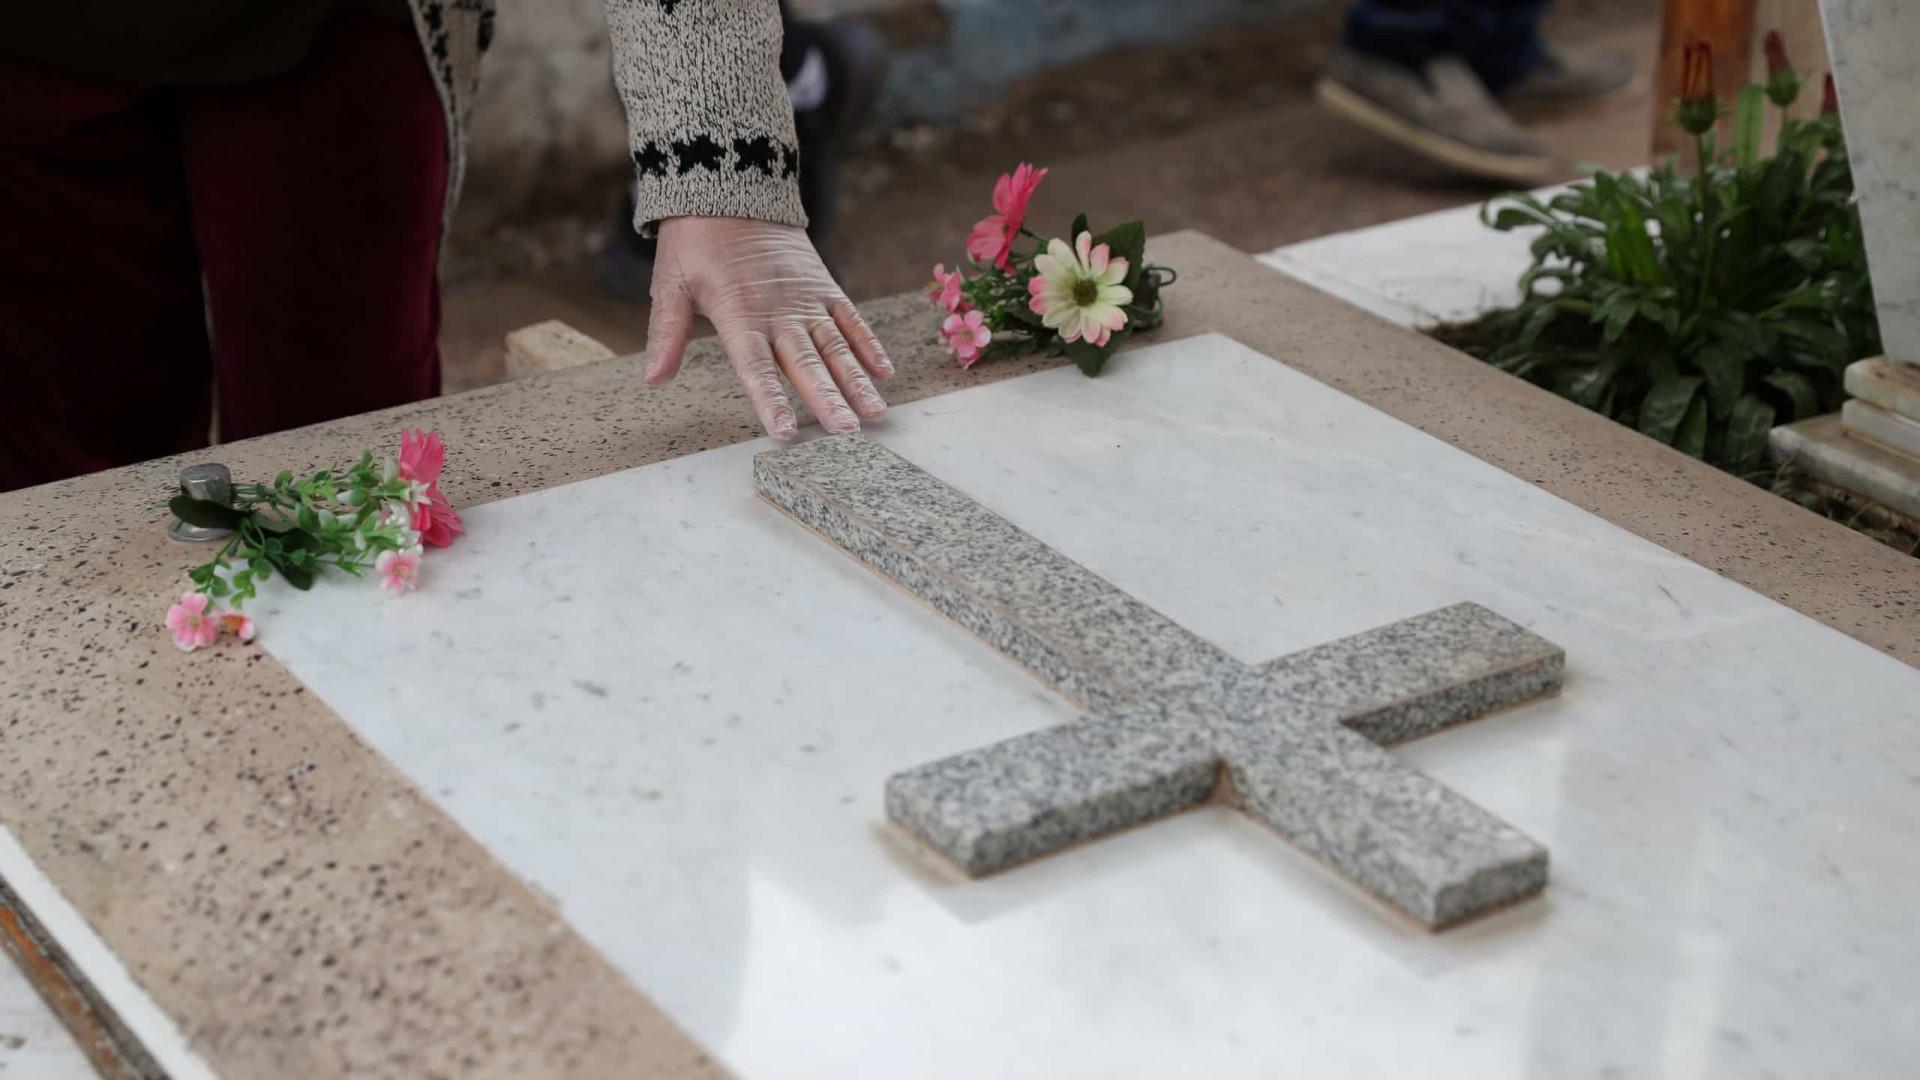 País registra 858 novas mortes por covid-19 em 24h, total vai a 135.793